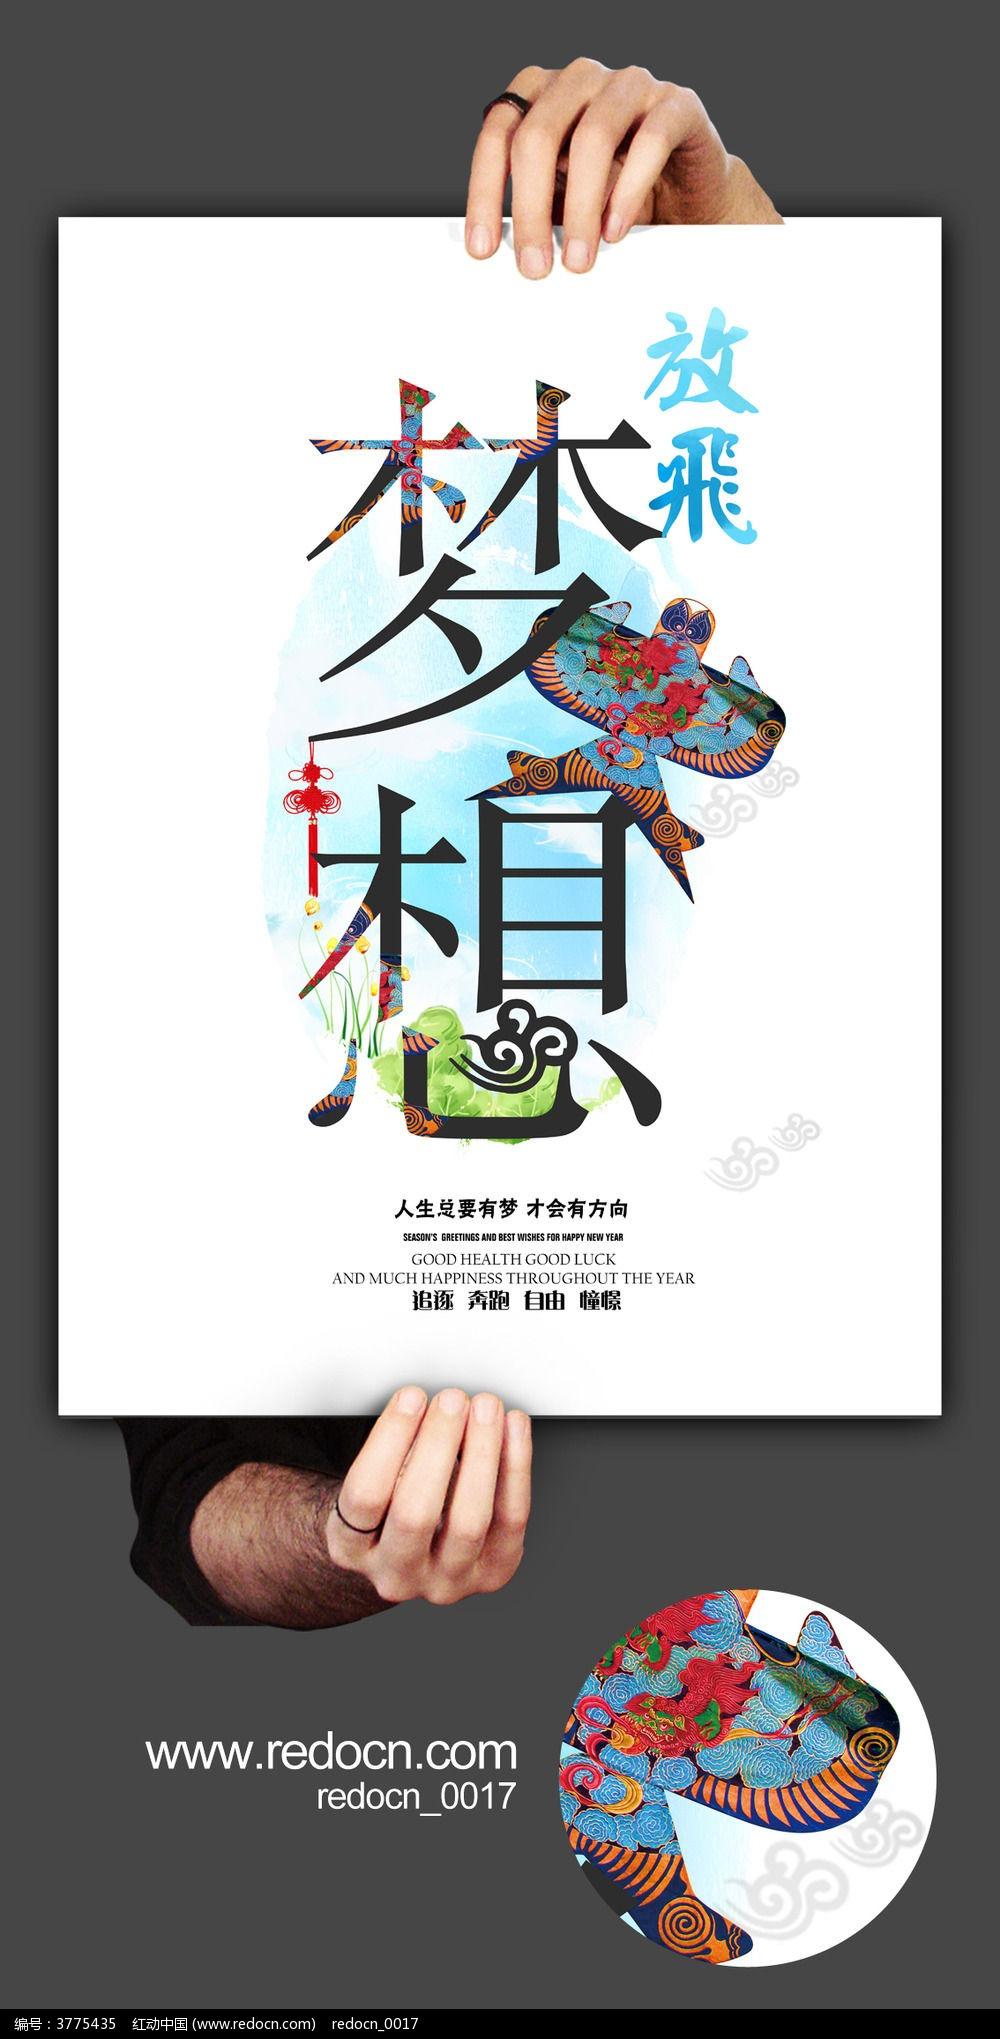 标签:放飞梦想 梦想海报 励志宣传 憧憬梦想 海报图片素材 psd青春海图片